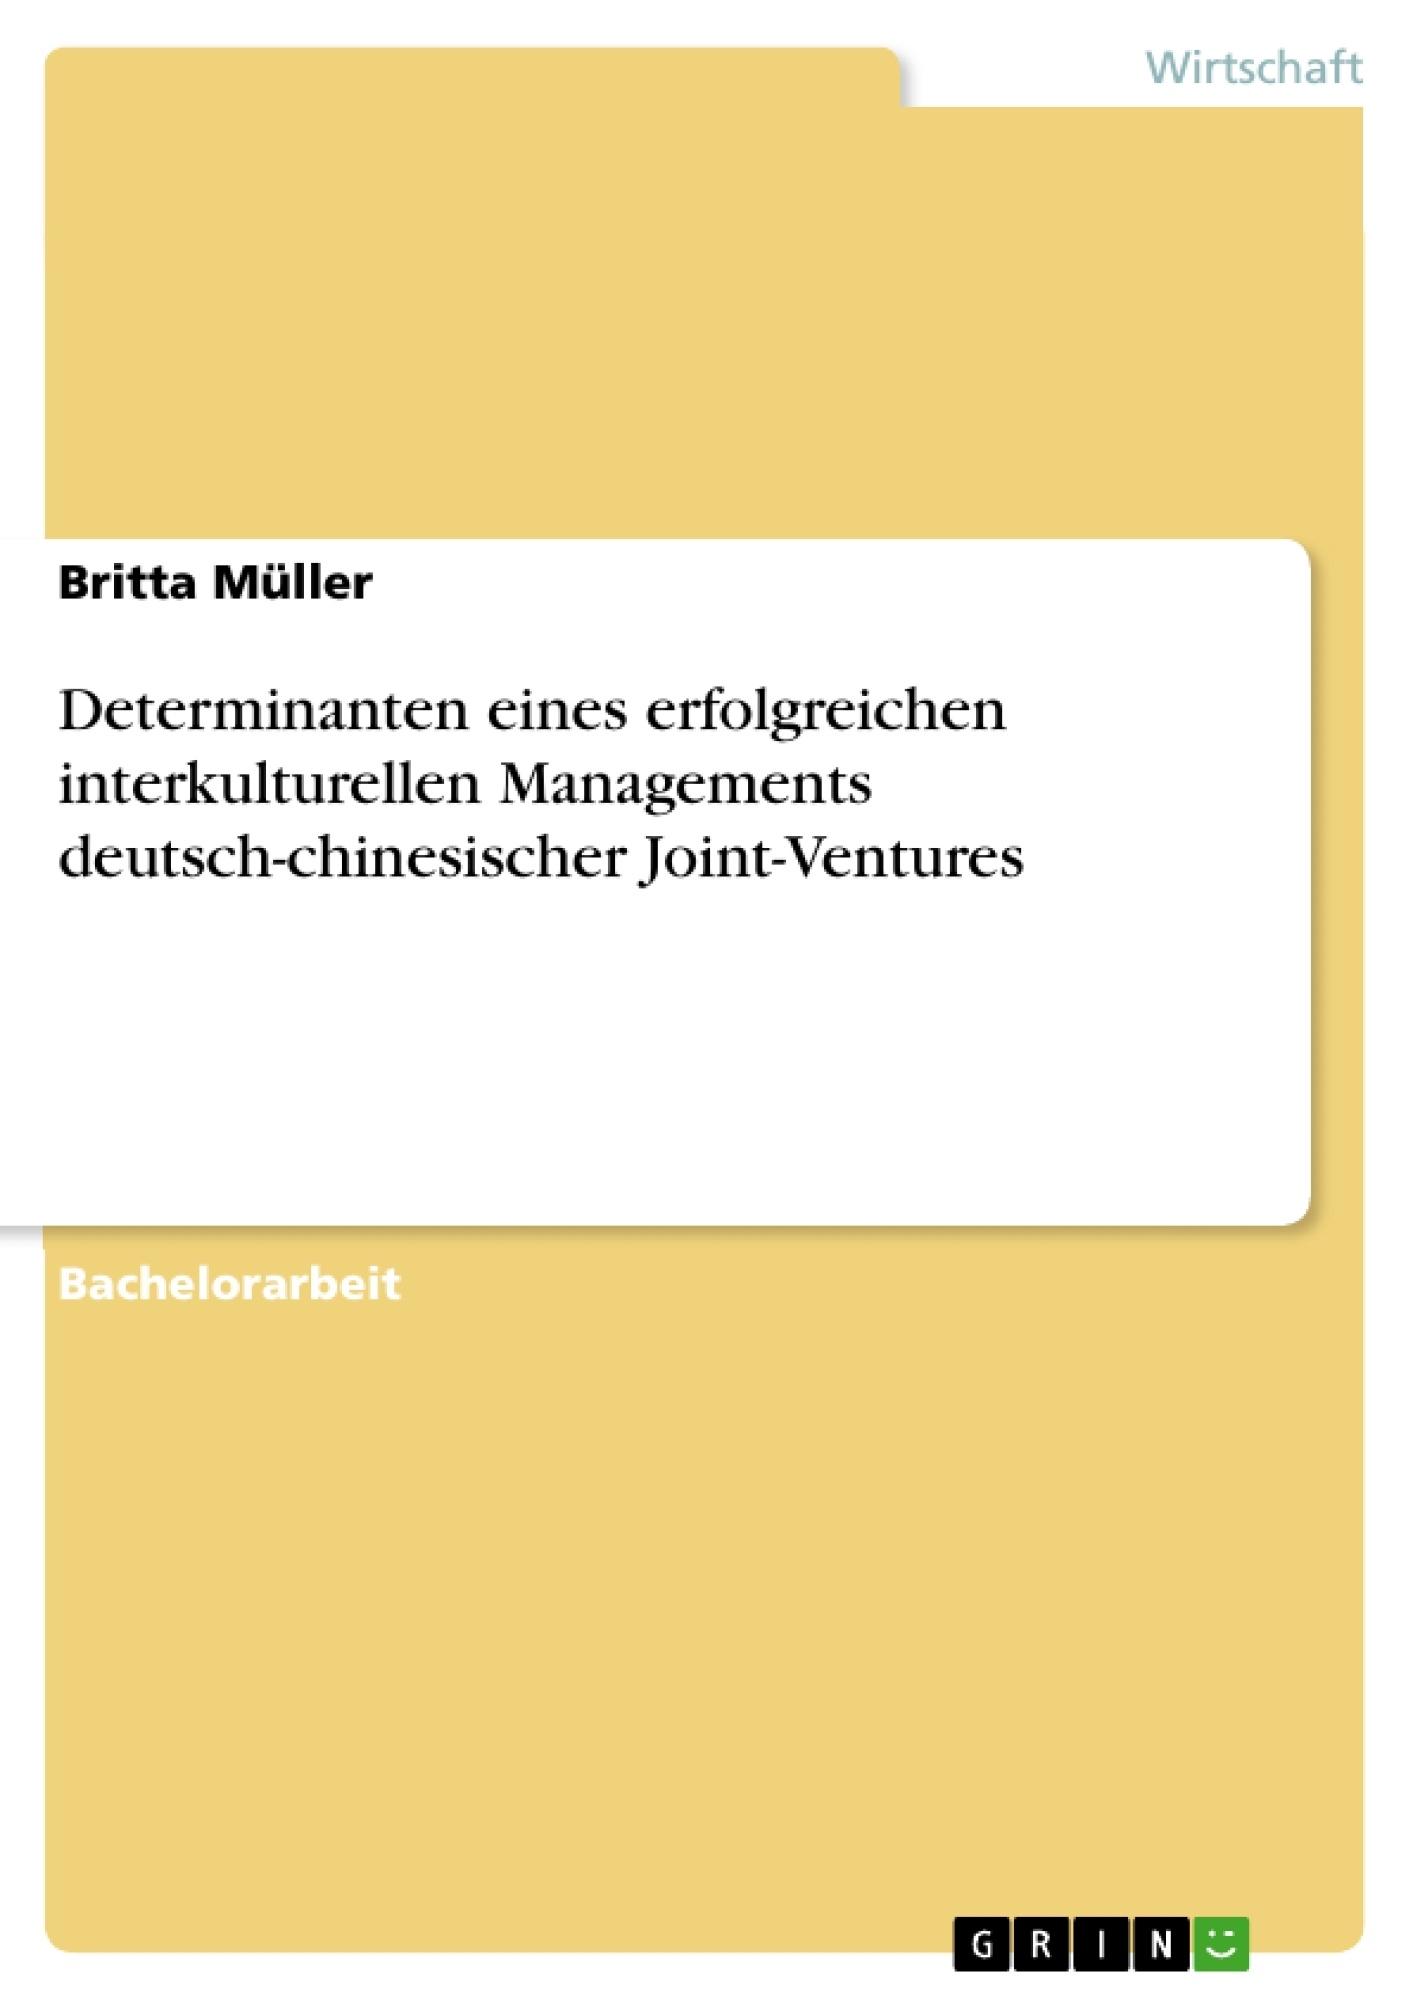 Titel: Determinanten eines erfolgreichen interkulturellen Managements deutsch-chinesischer Joint-Ventures